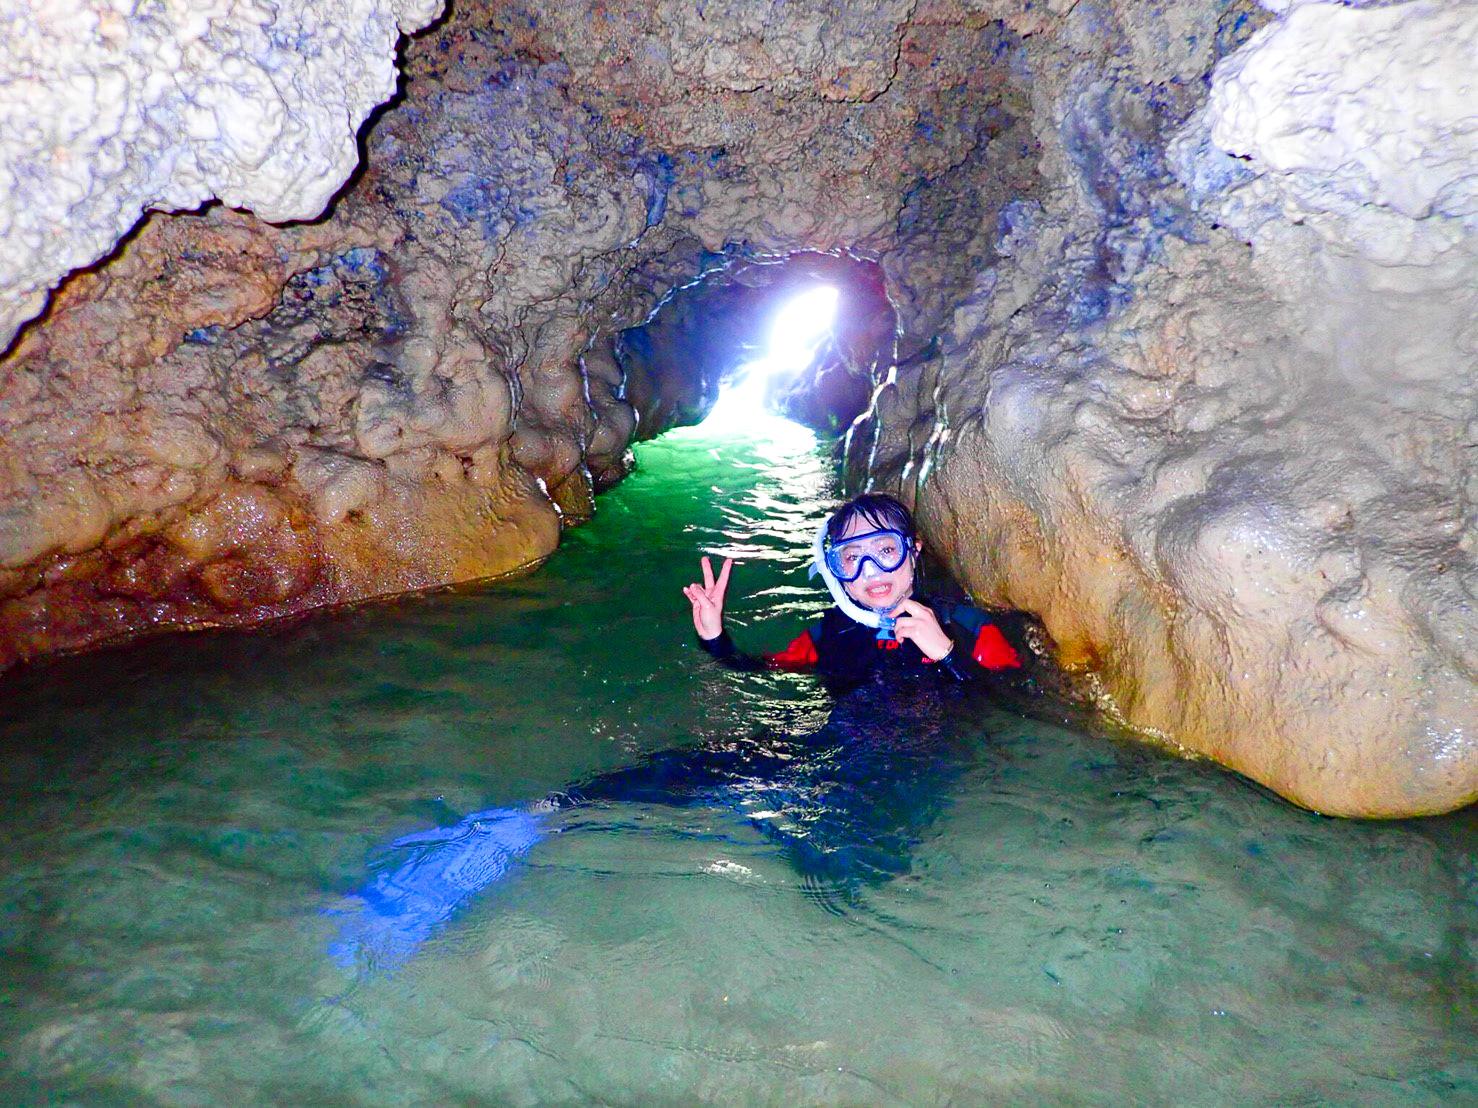 洞窟周辺でシュノーケリングを楽しむ女性